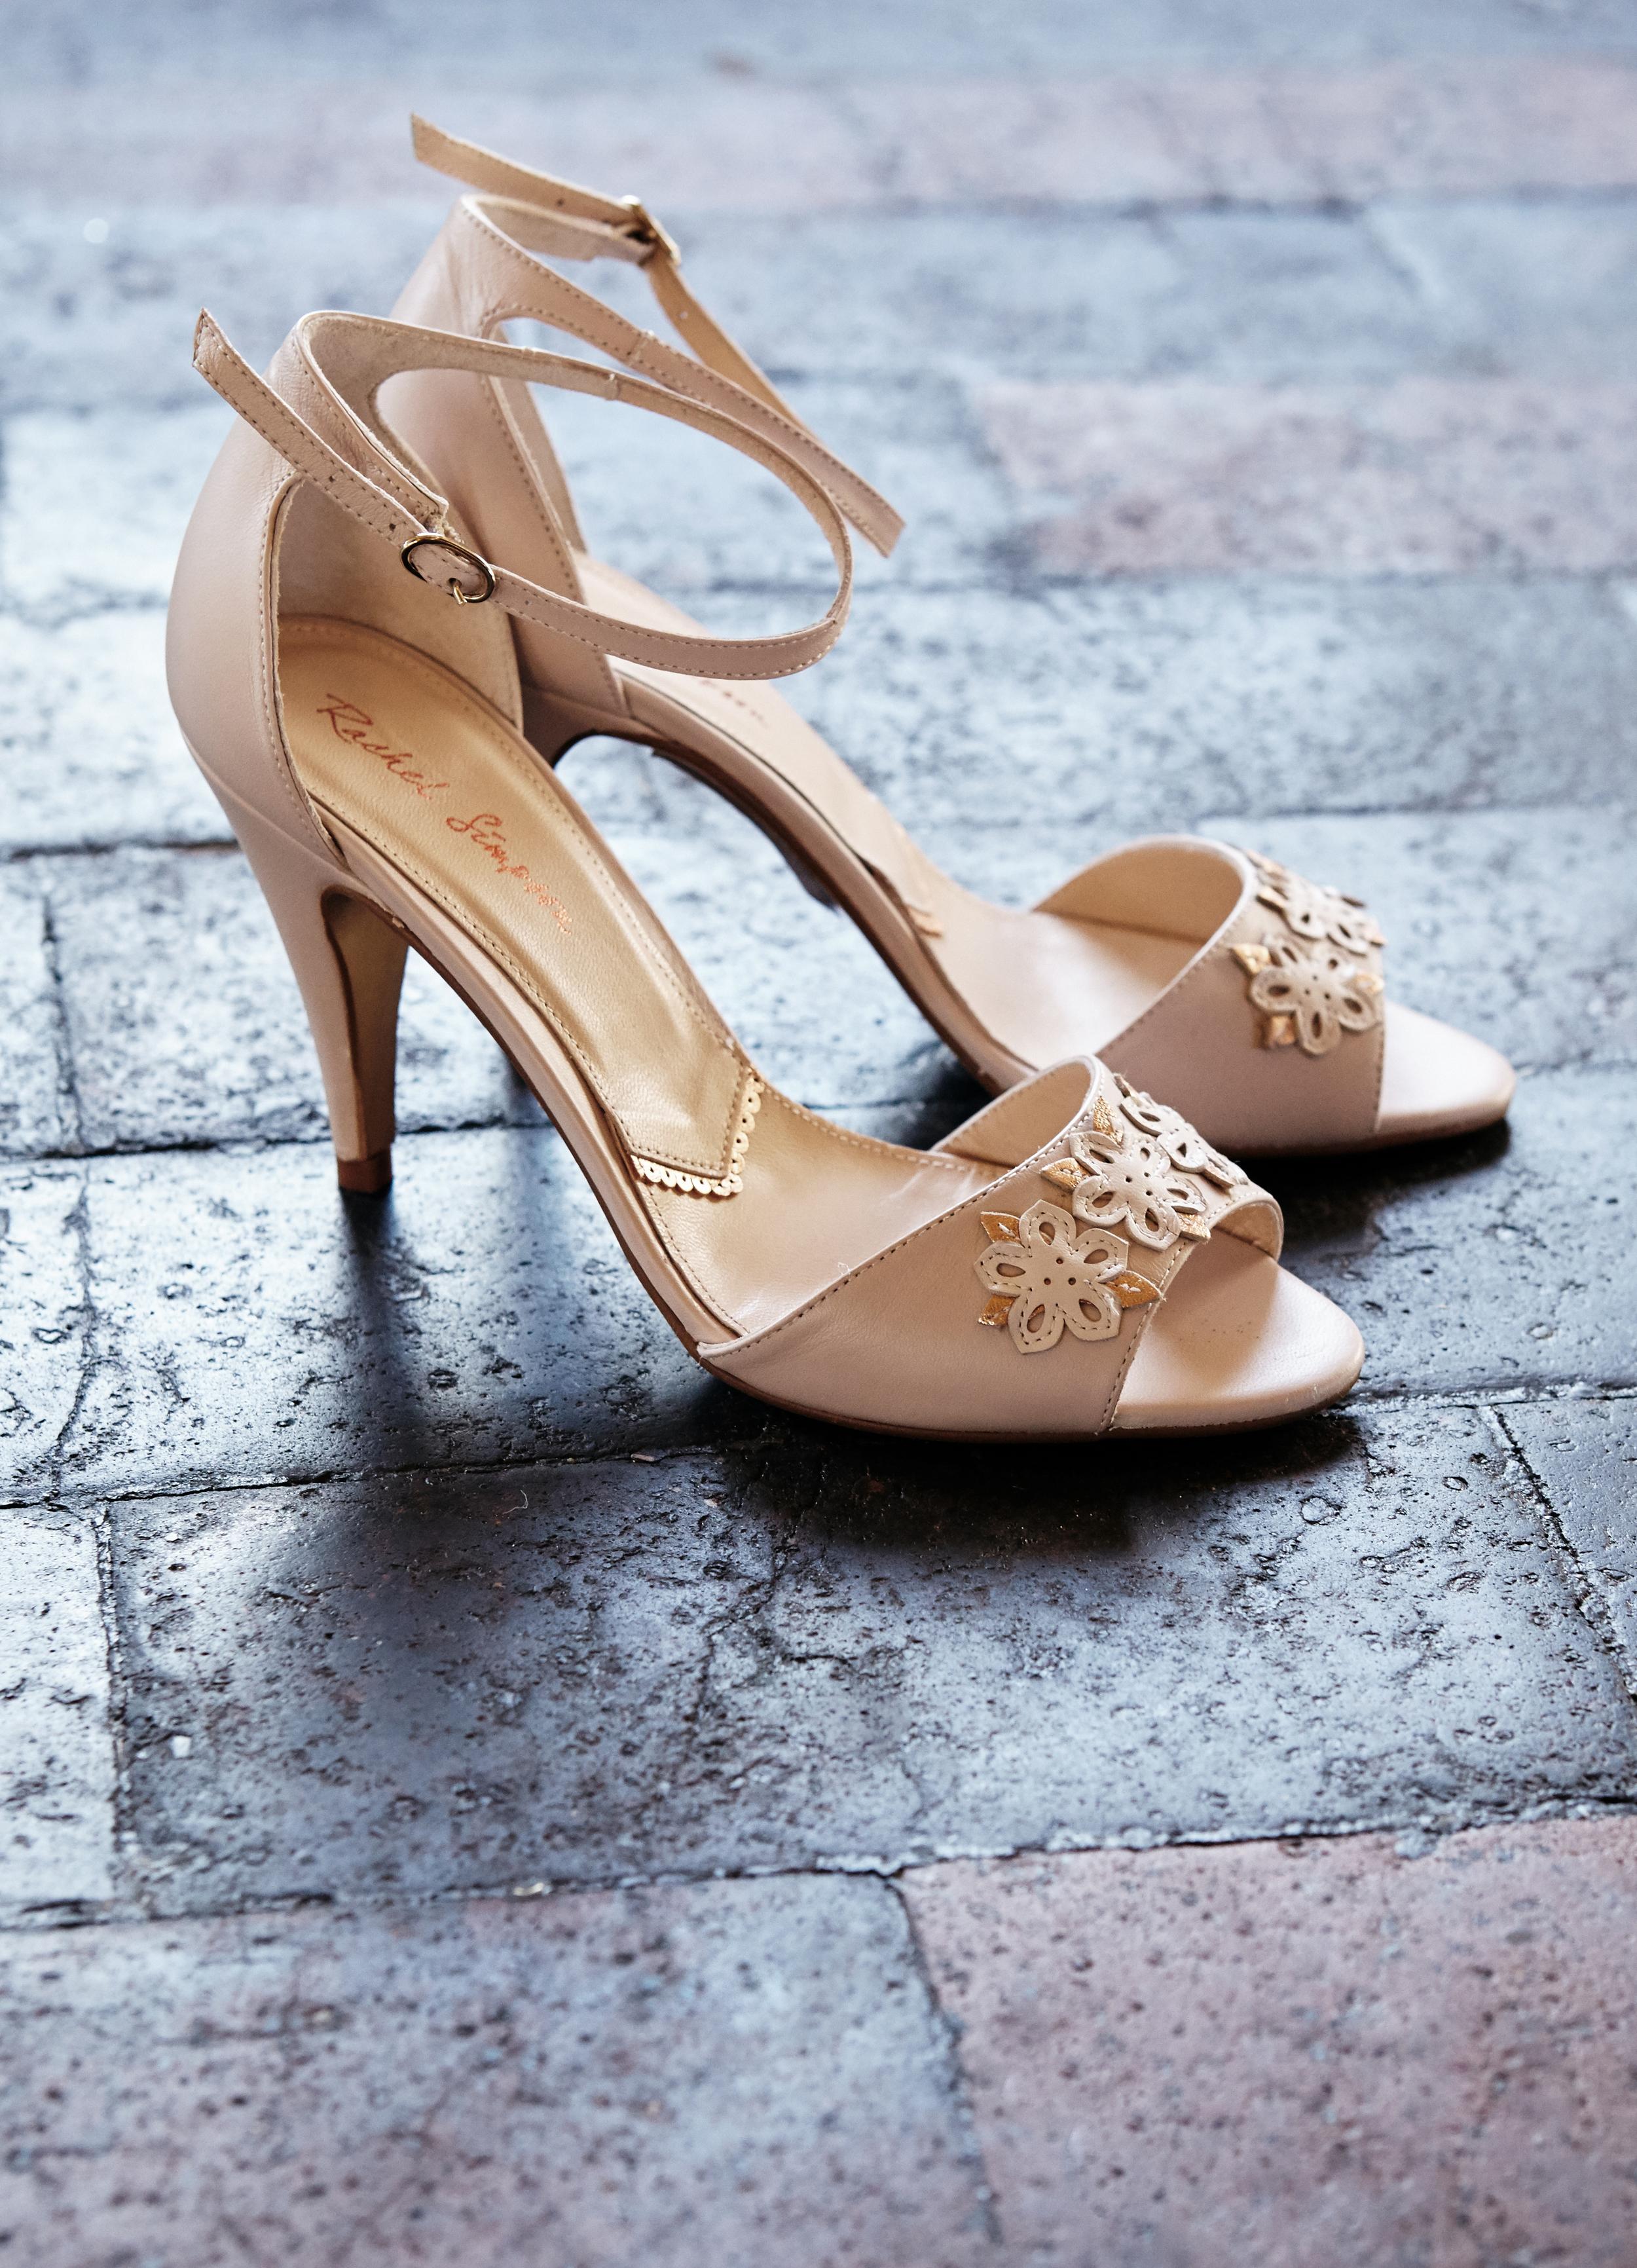 Rachel Simpson Darcie shoes